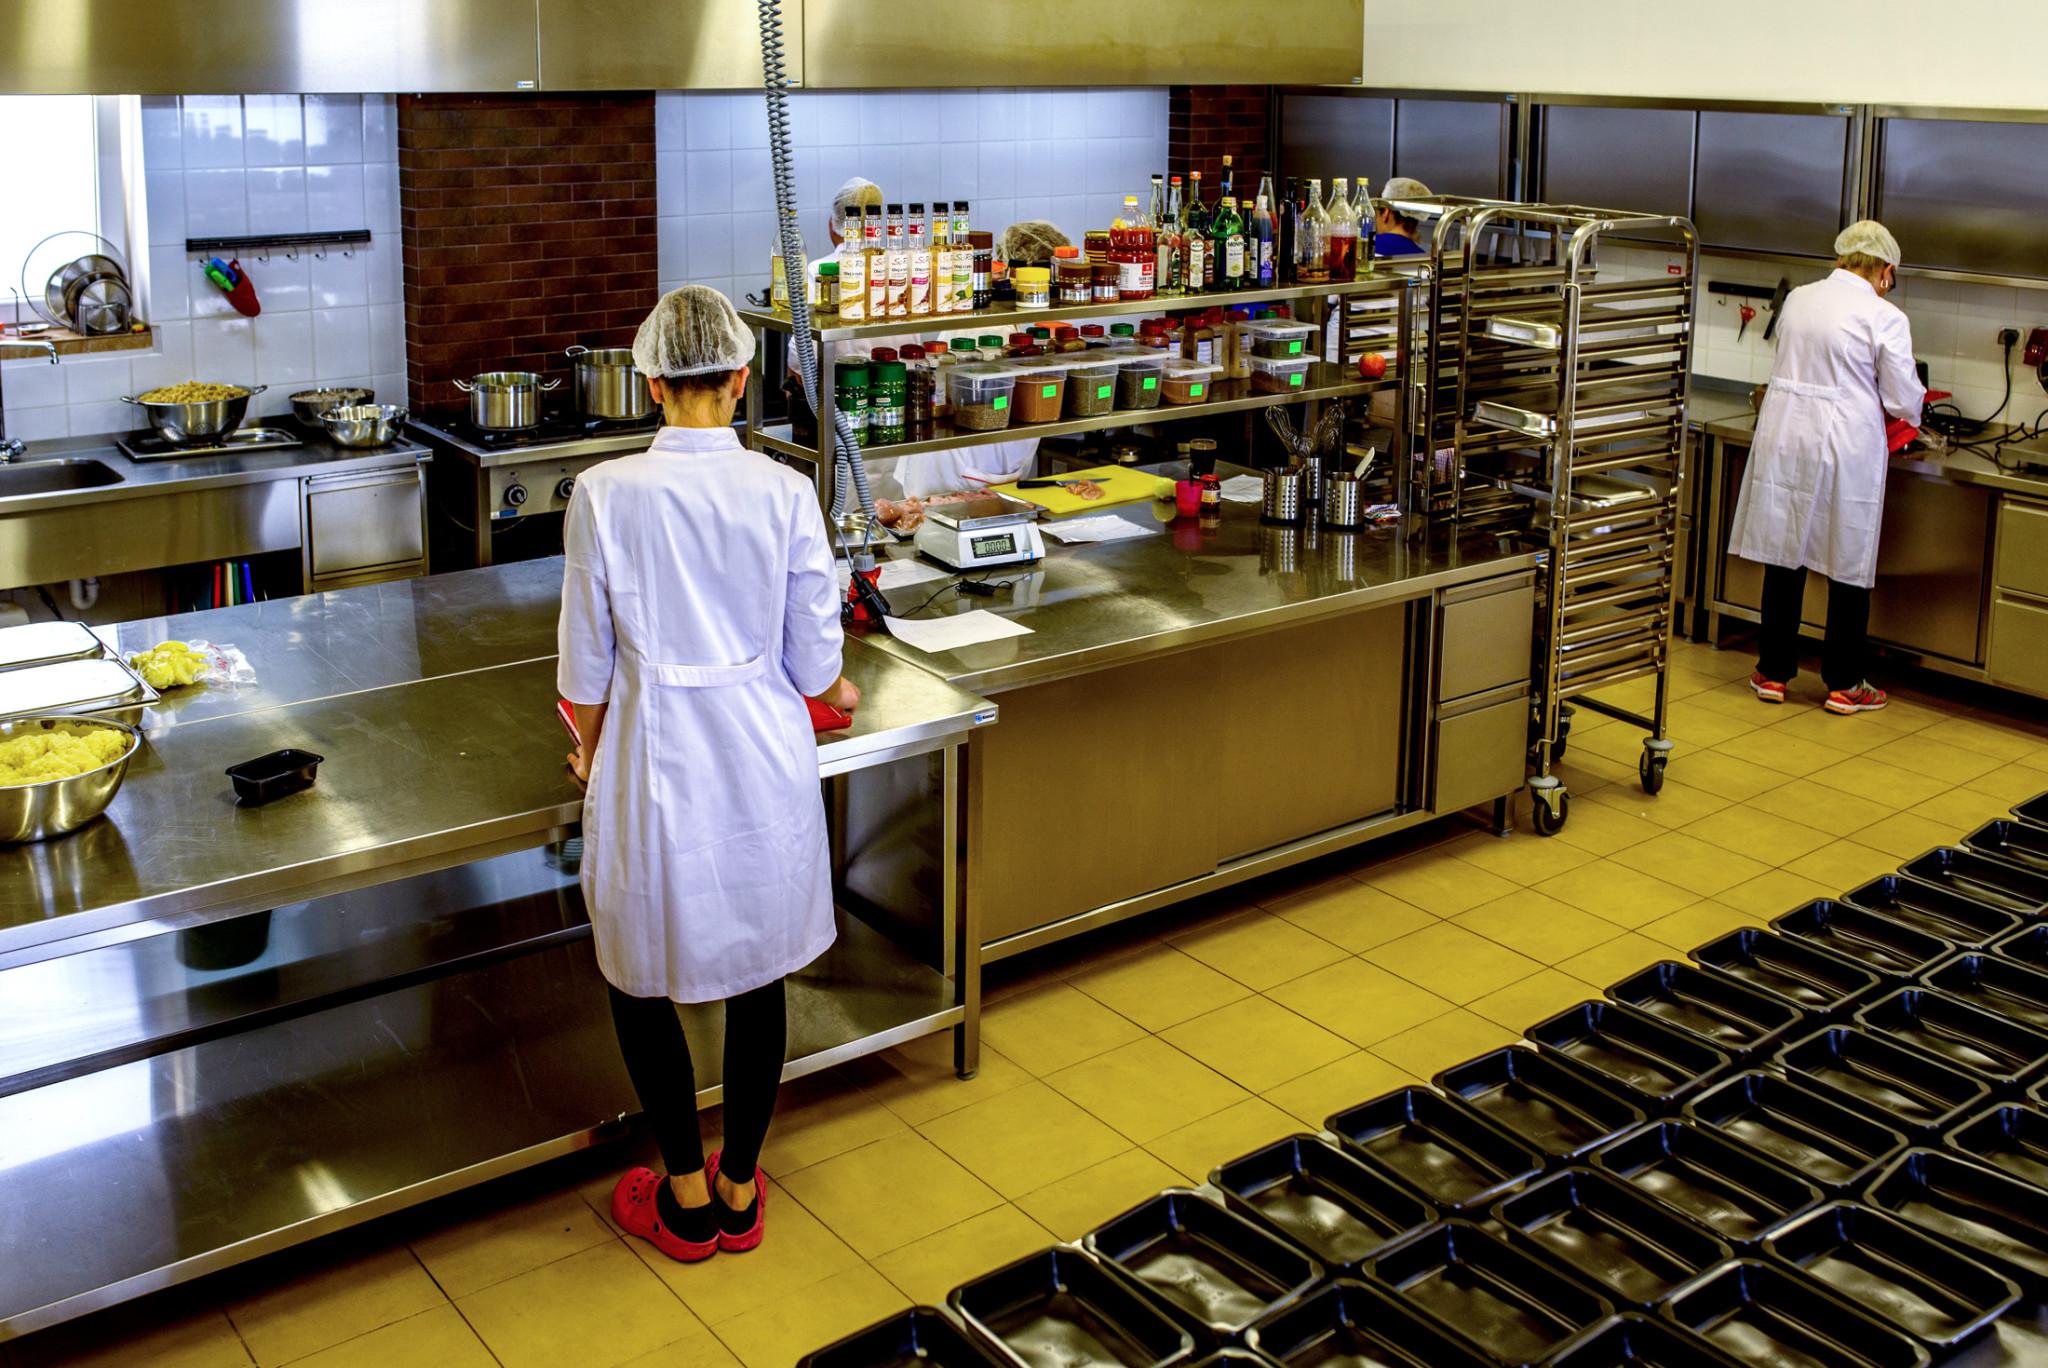 Dieta Figura kuchnia